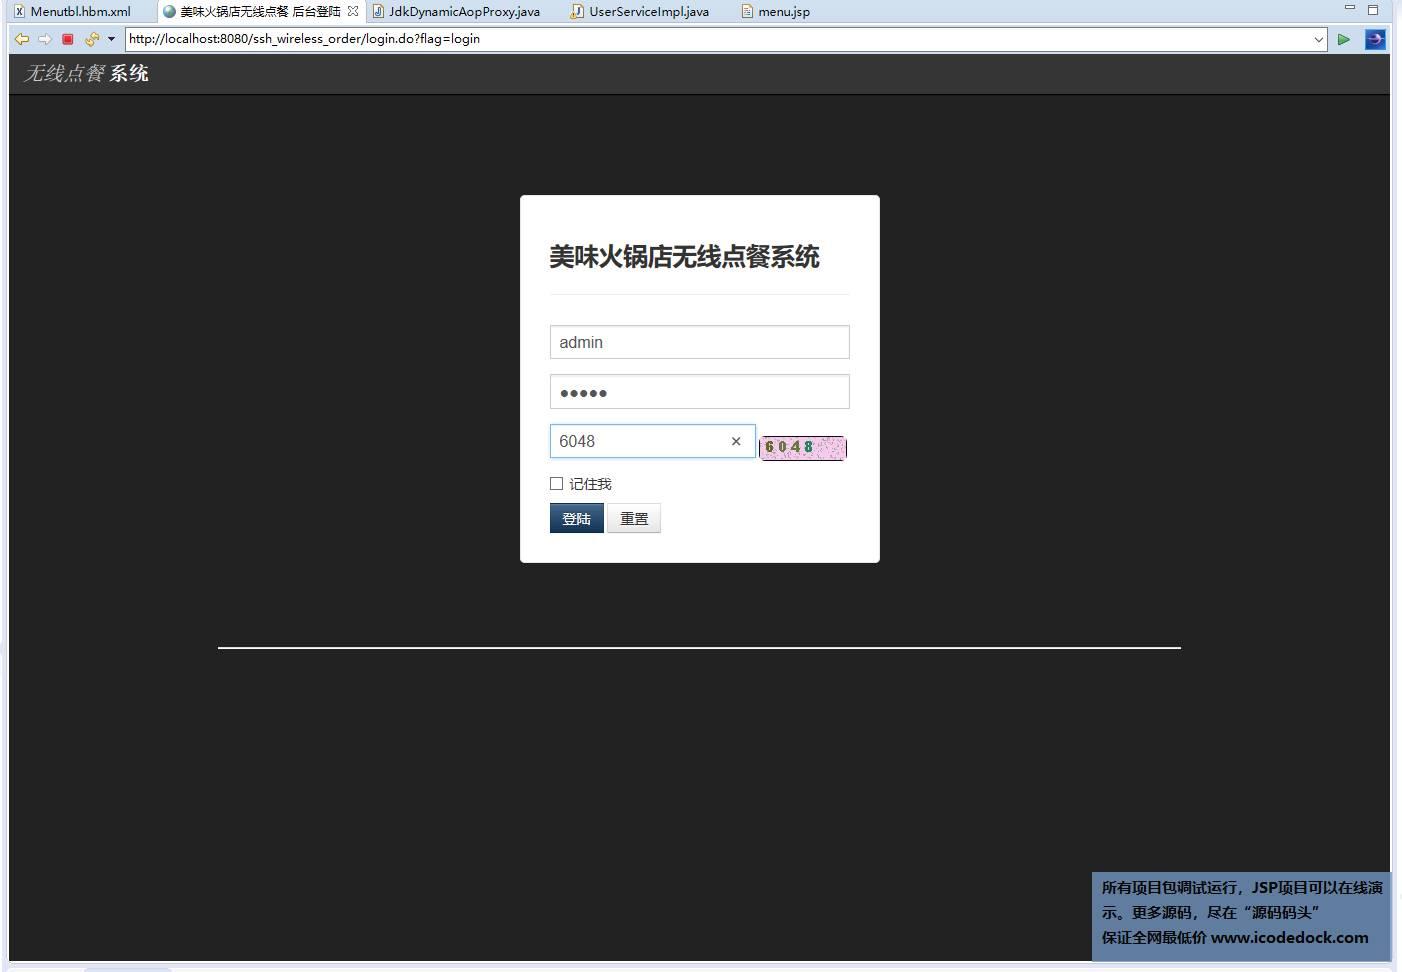 源码码头-SSH餐厅点餐管理系统-管理员角色-管理员登录